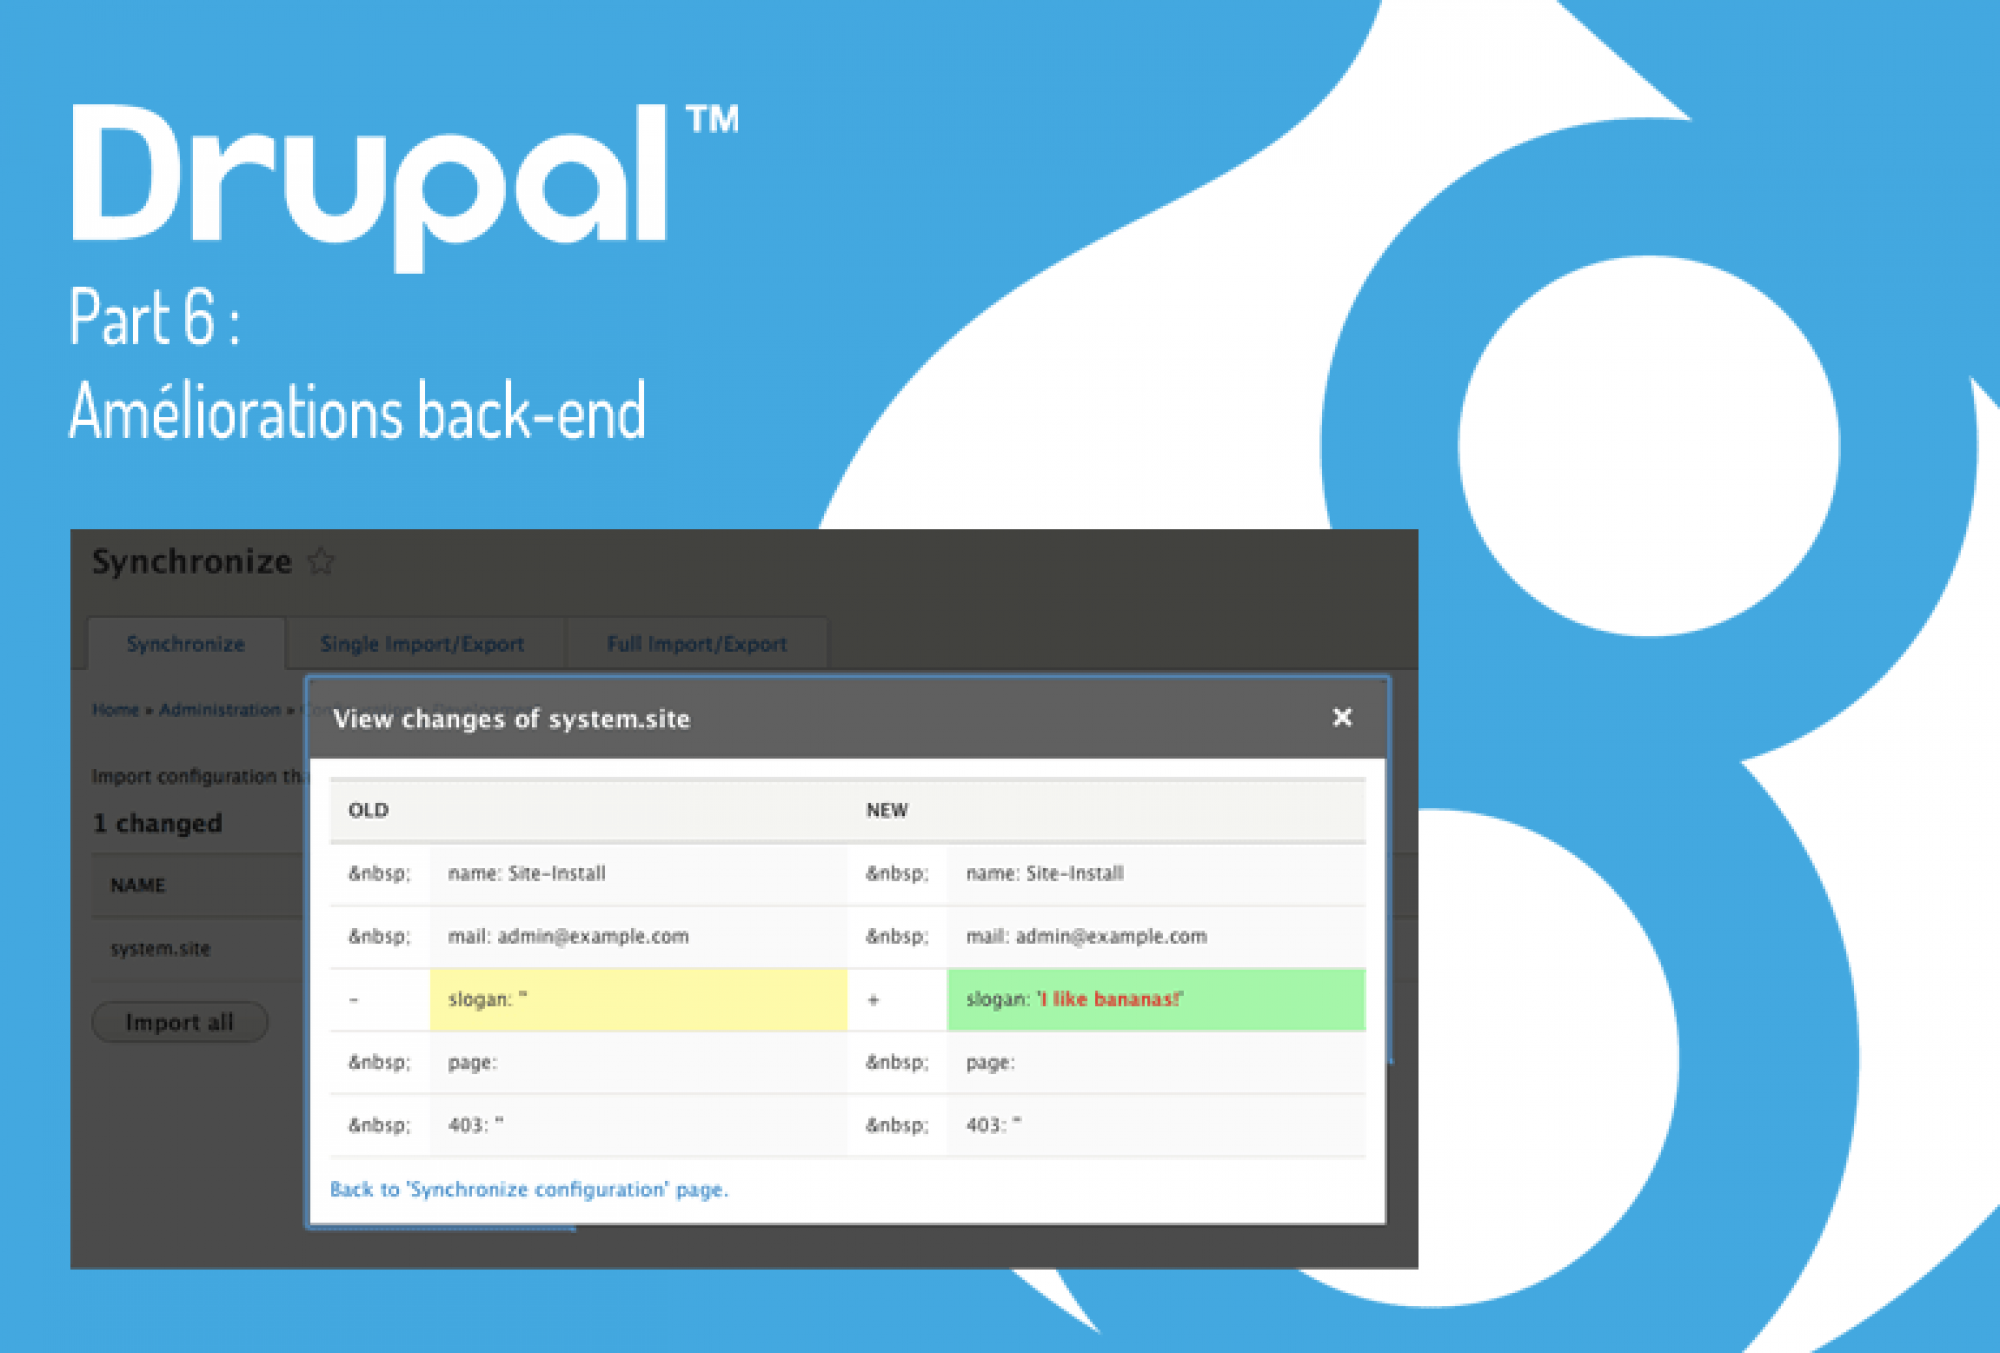 Drupal 8 back-end